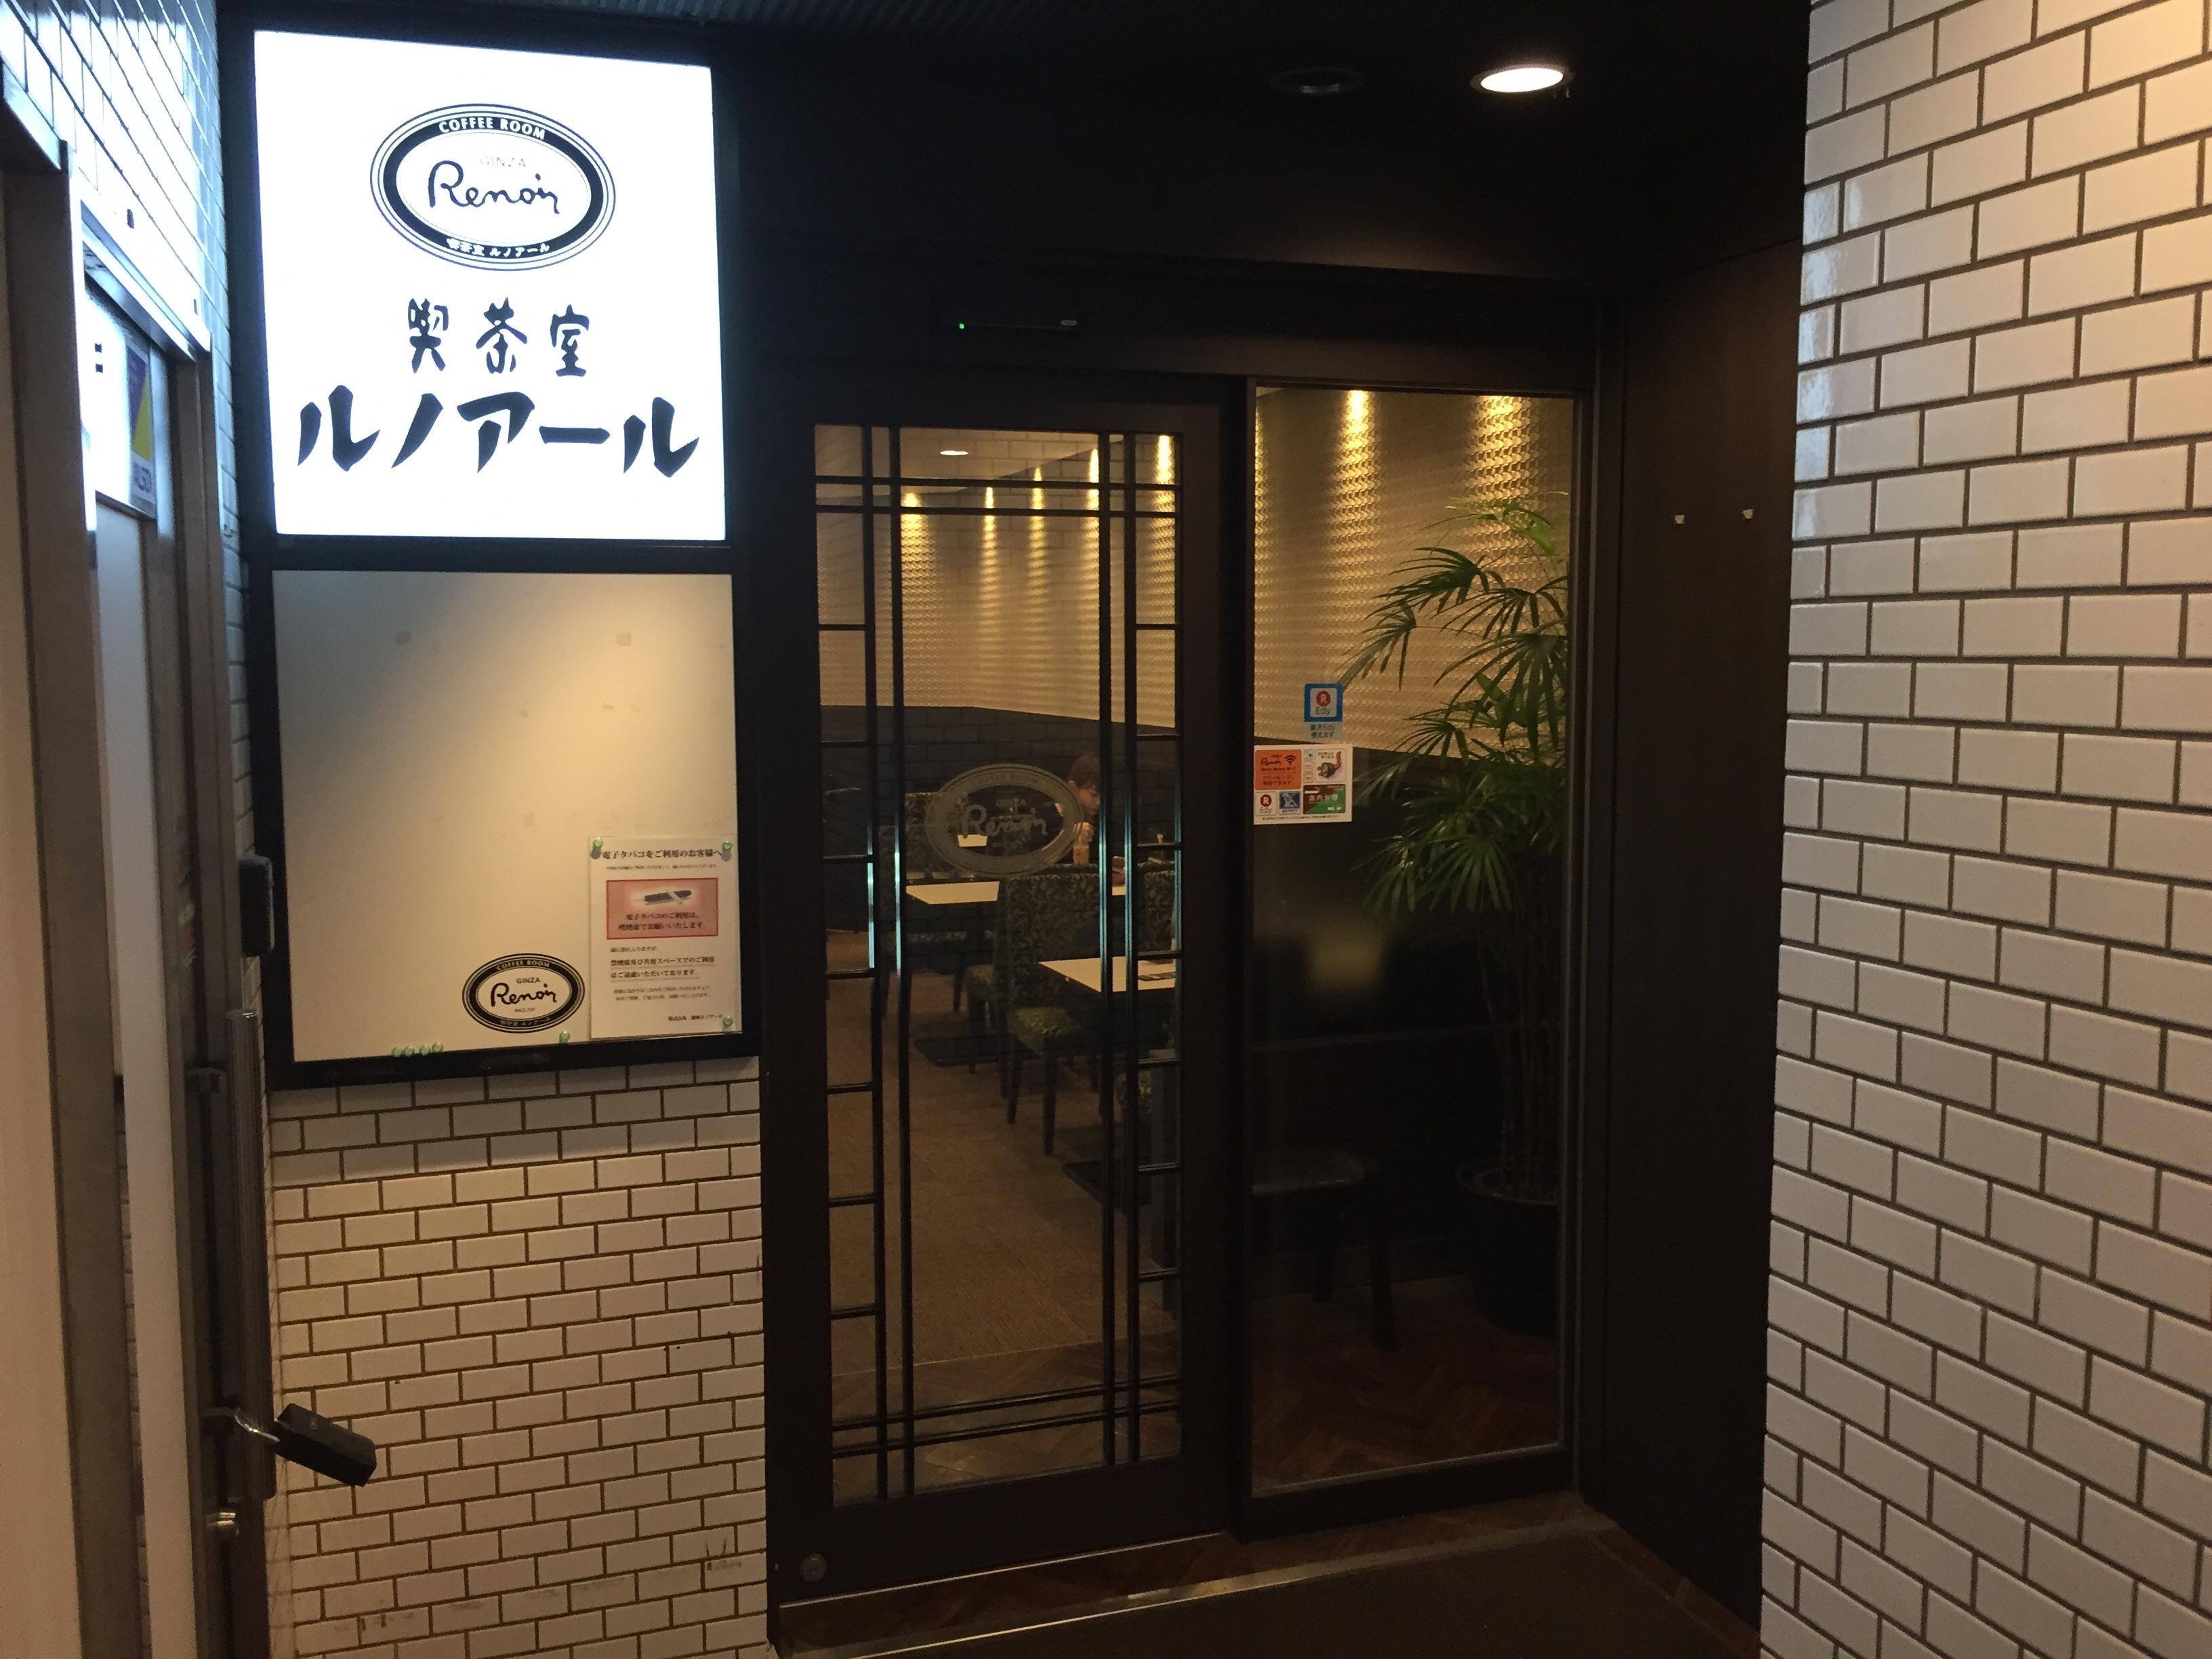 中野駅南口 電源カフェ 喫茶室ルノアール 中野南口駅前店